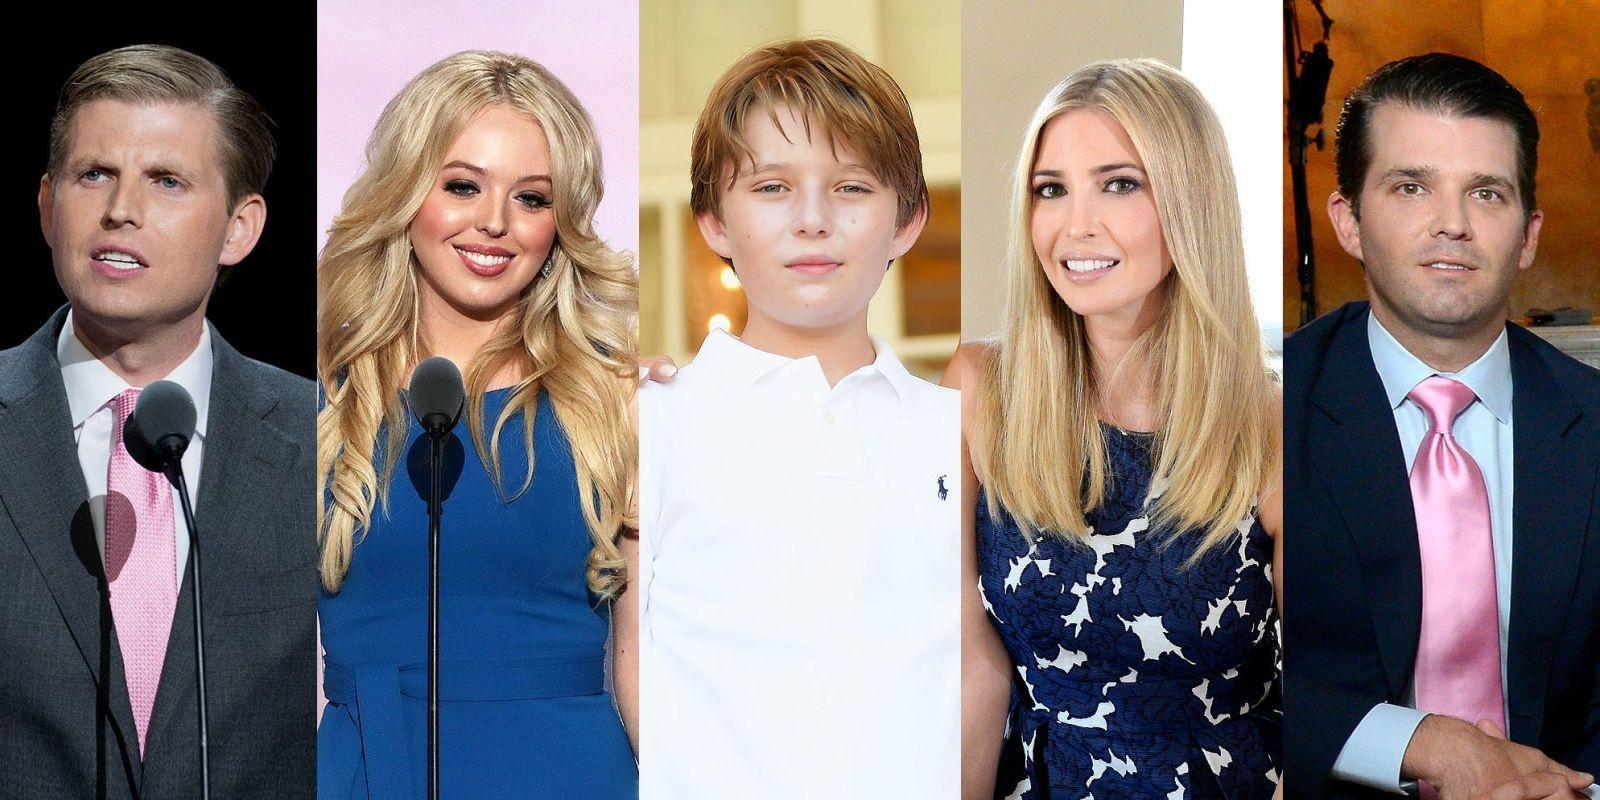 идеальное место фото дональда трампа и его семьи что раскрасив все